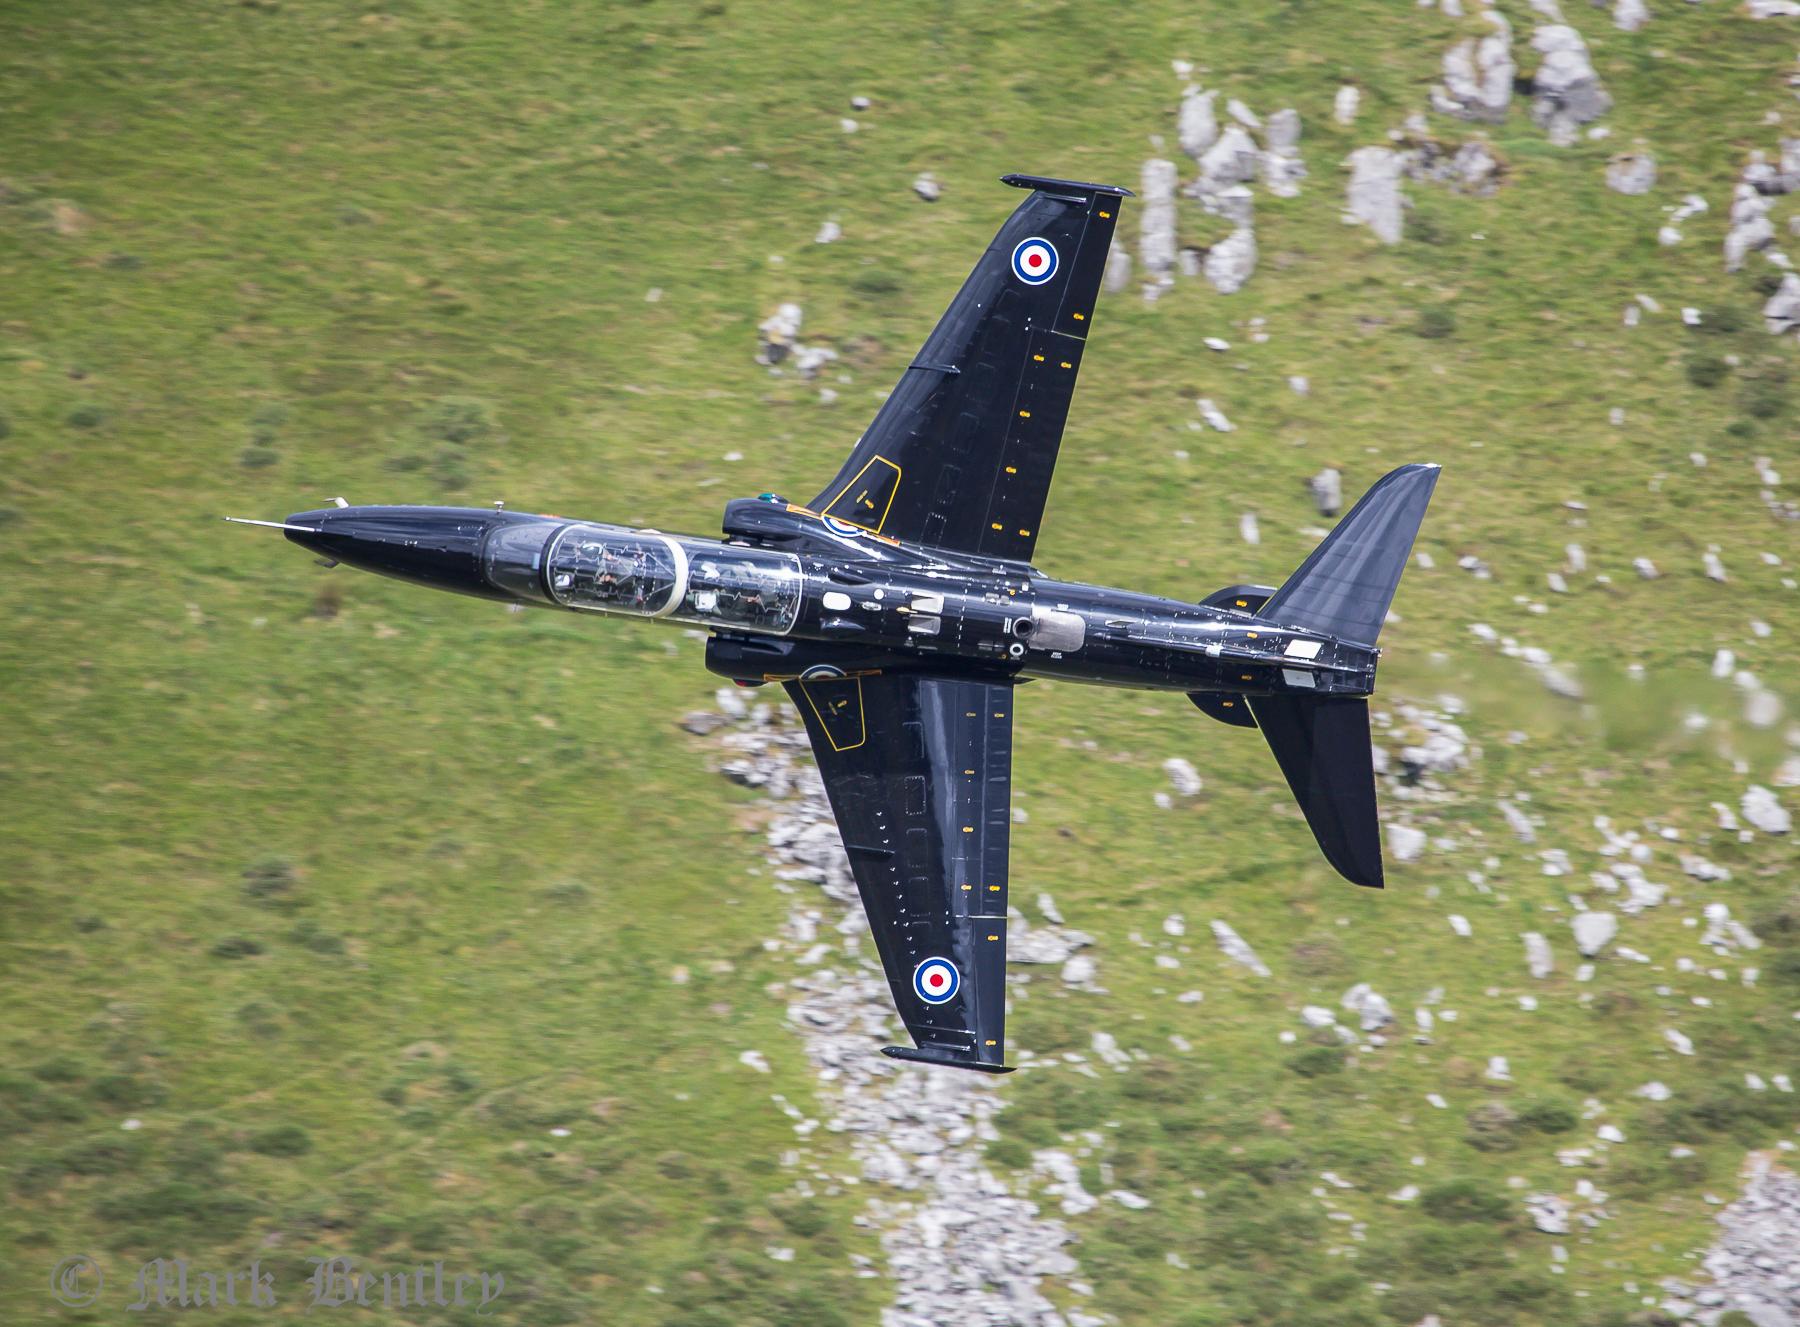 008 RAF Hawk